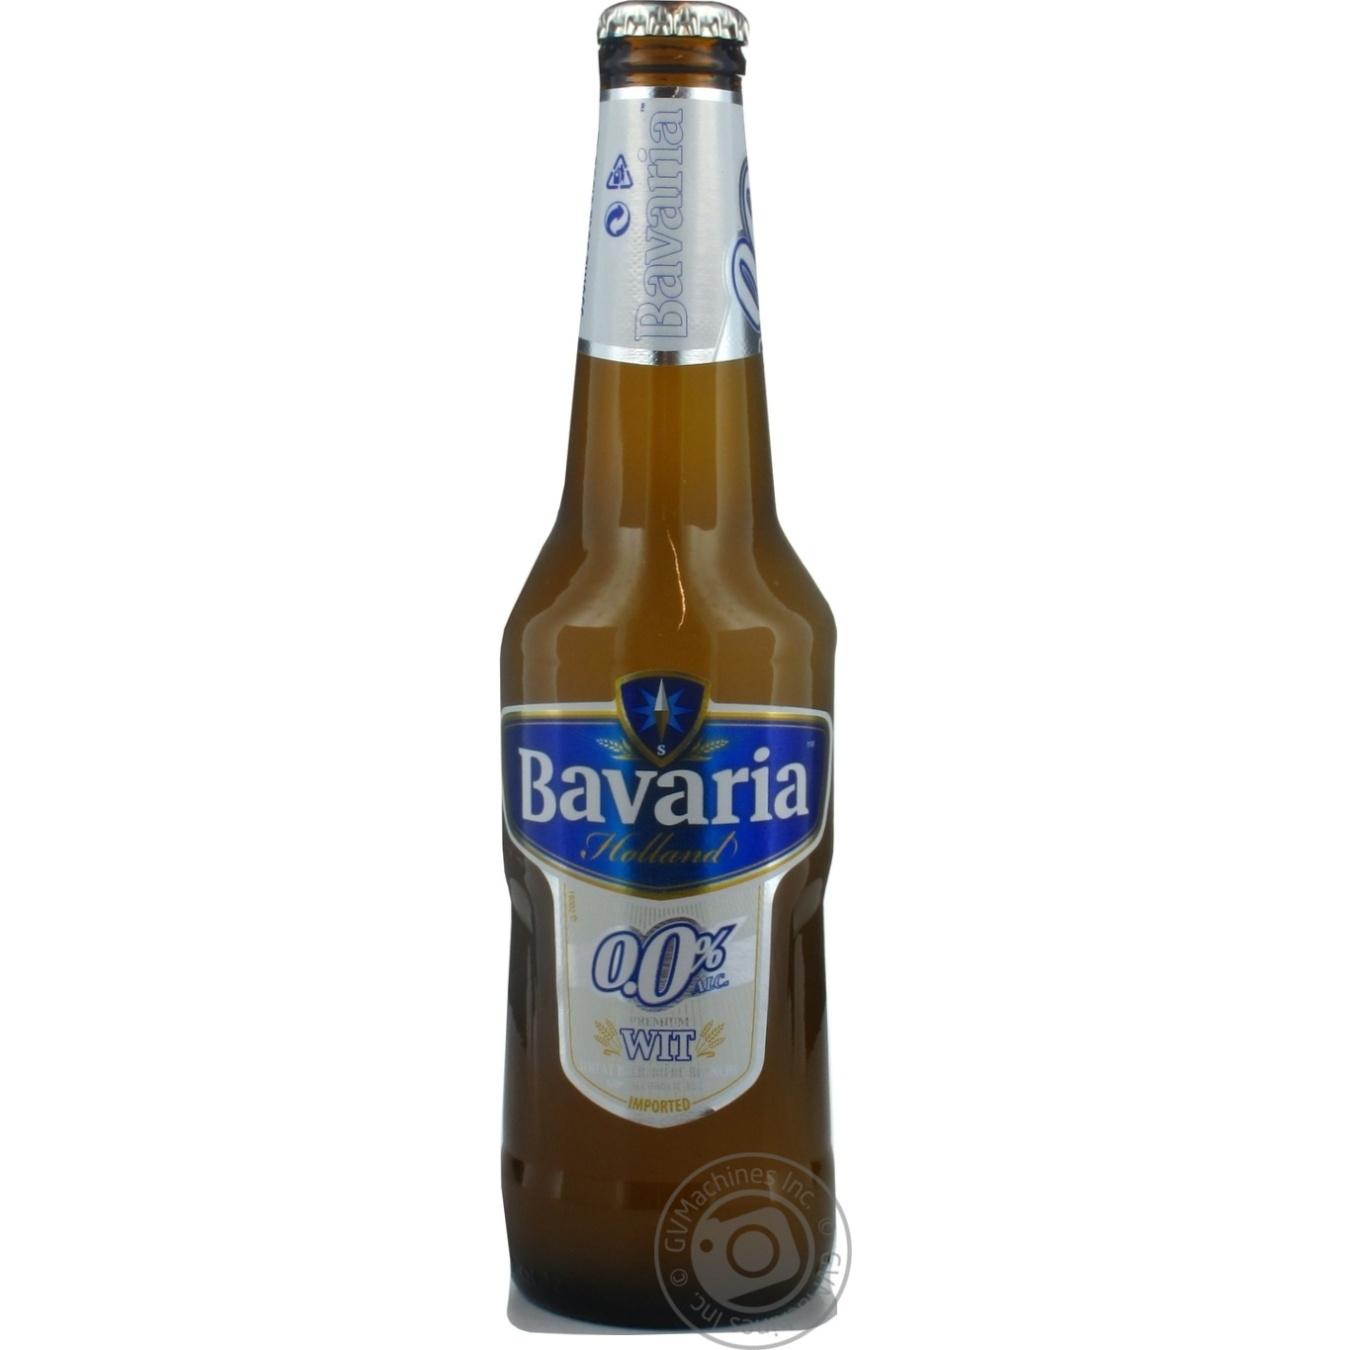 Купить Алкоголь та енергетики, Пиво Bavaria світле 0% 0, 33л Нідерланди